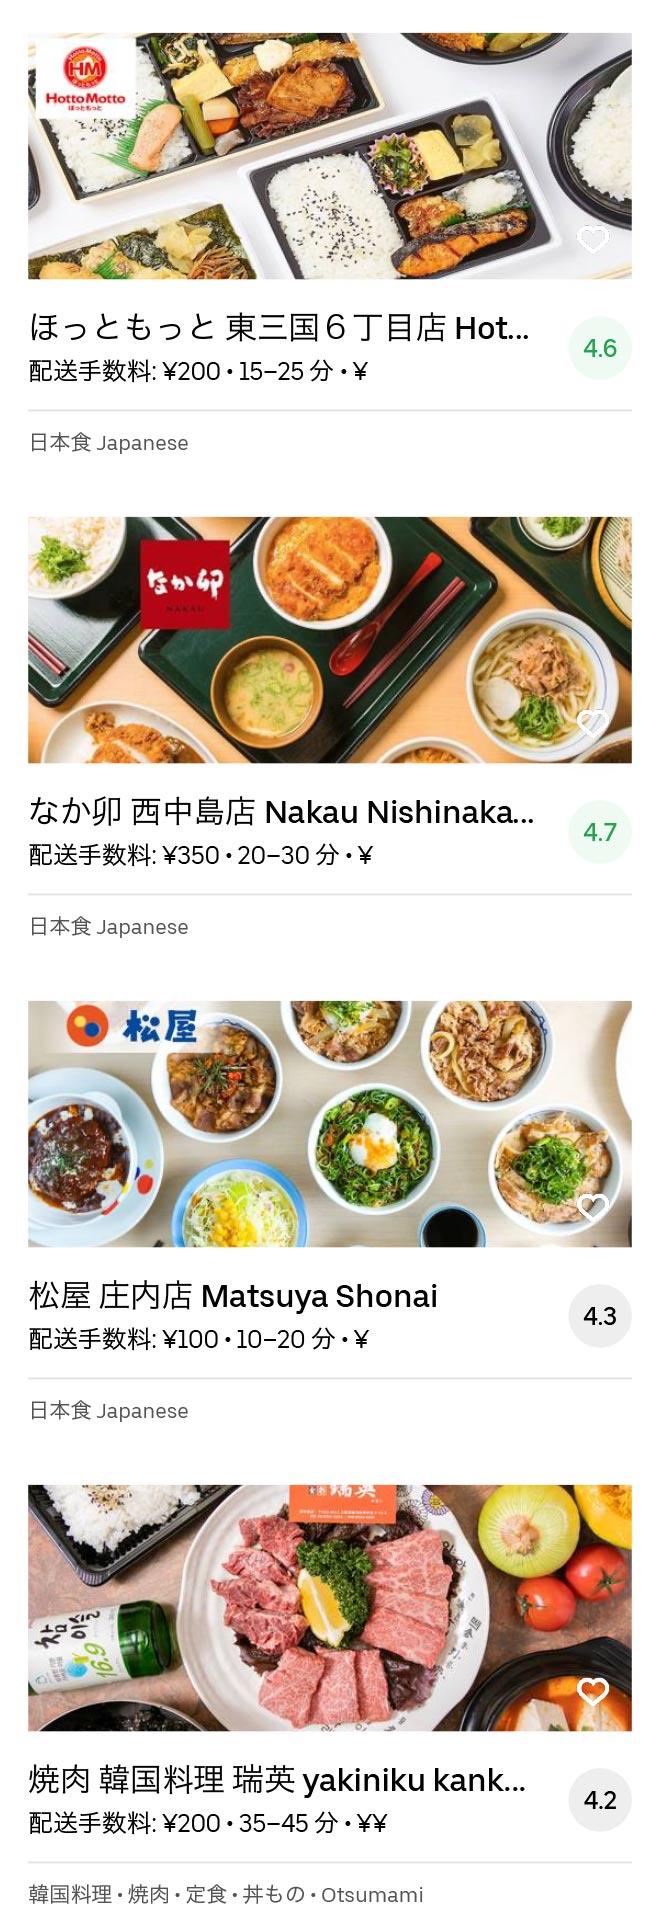 Toyonaka shounai menu 2005 12